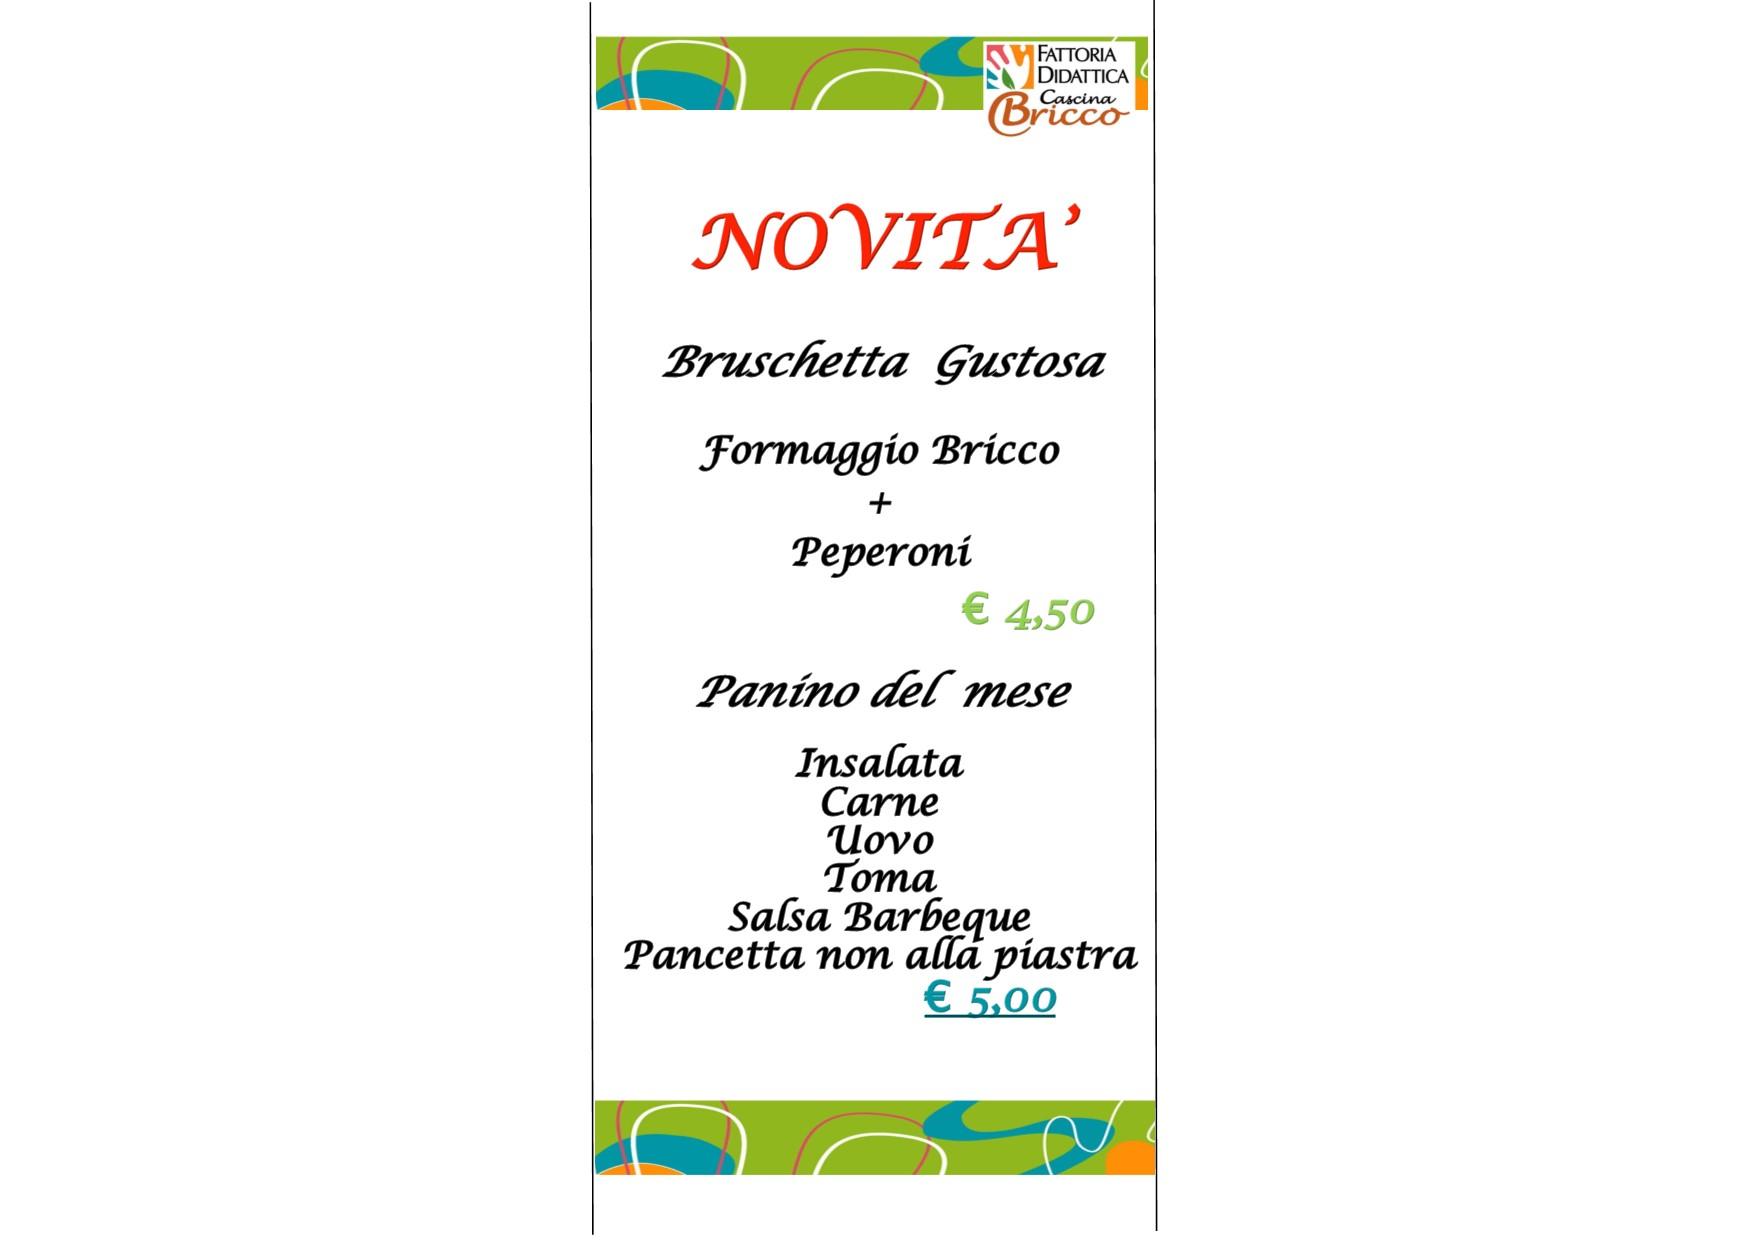 Formaggio Bricco + Peperoni